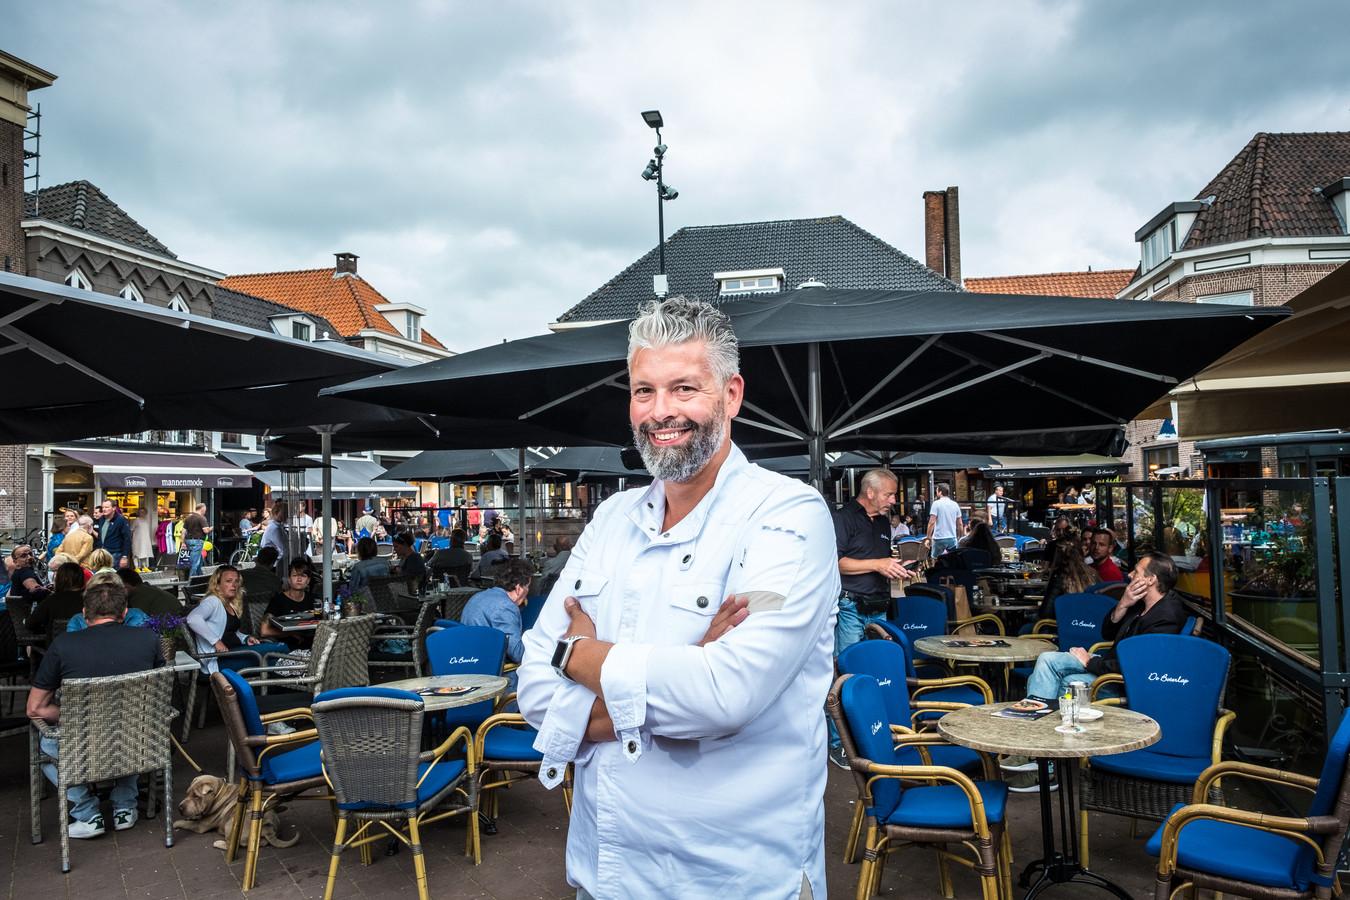 Omar Dahak, chefkok en eigenaar van De Boterlap